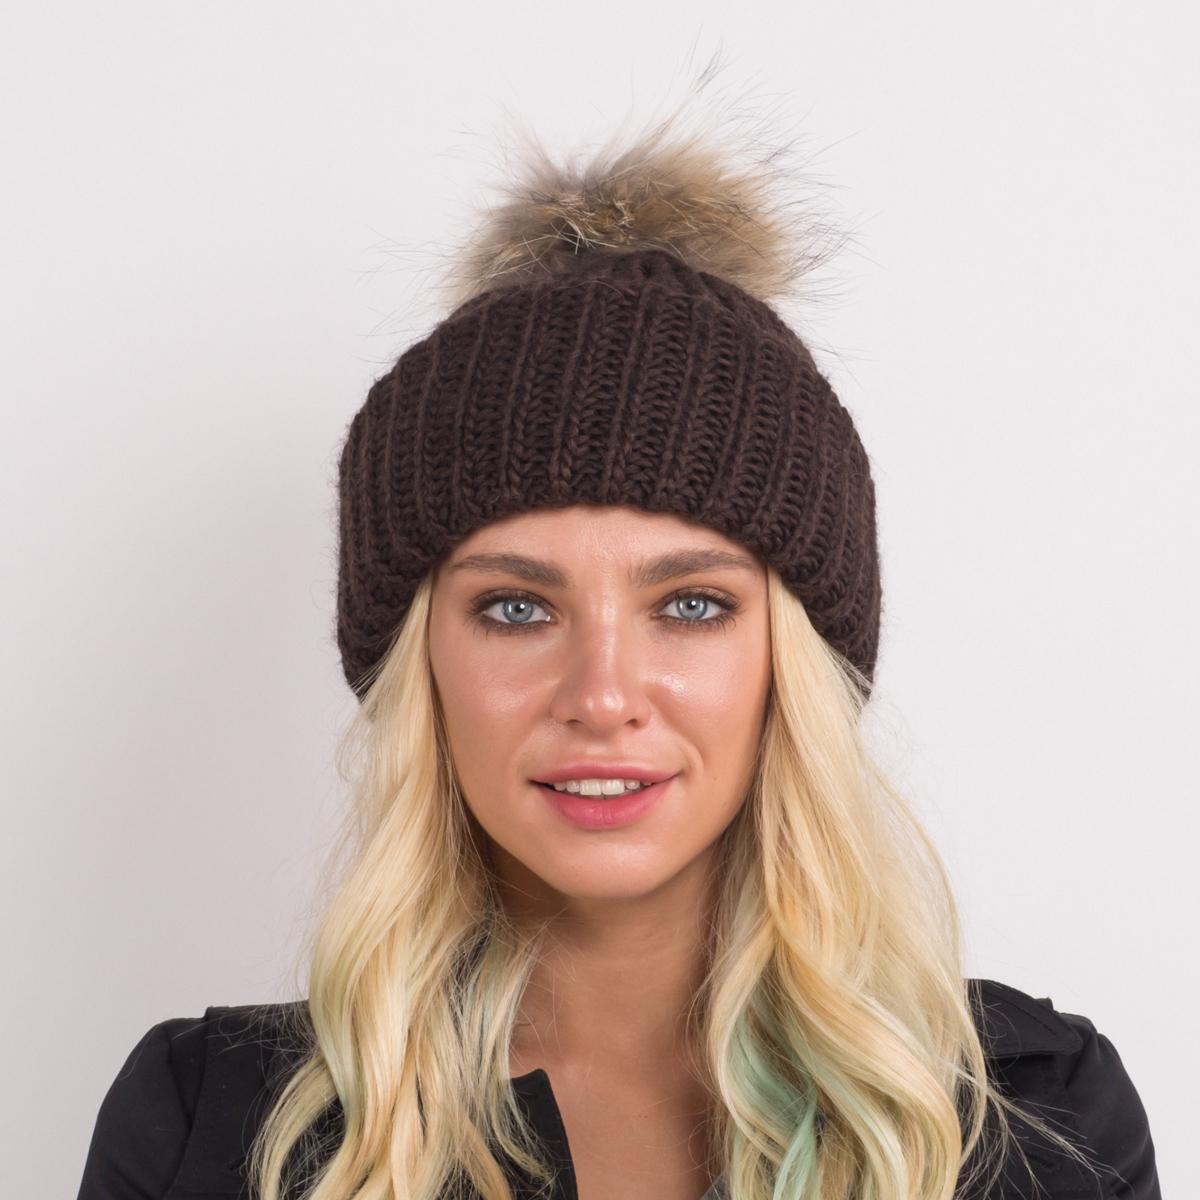 Шапка женская Flioraj, цвет: коричневый. 316/1 FJ. Размер 56/58316/1 FJТеплая шерстяная шапка от Flioraj, связанная из объемной итальянской пряжи, выполнена модной рельефной вязкой. Отлично защитит от холода. Такую шапочку можно носить с любым видом верхней одежды, достаточно только определиться с цветом. Модель дополнена меховым помпоном.